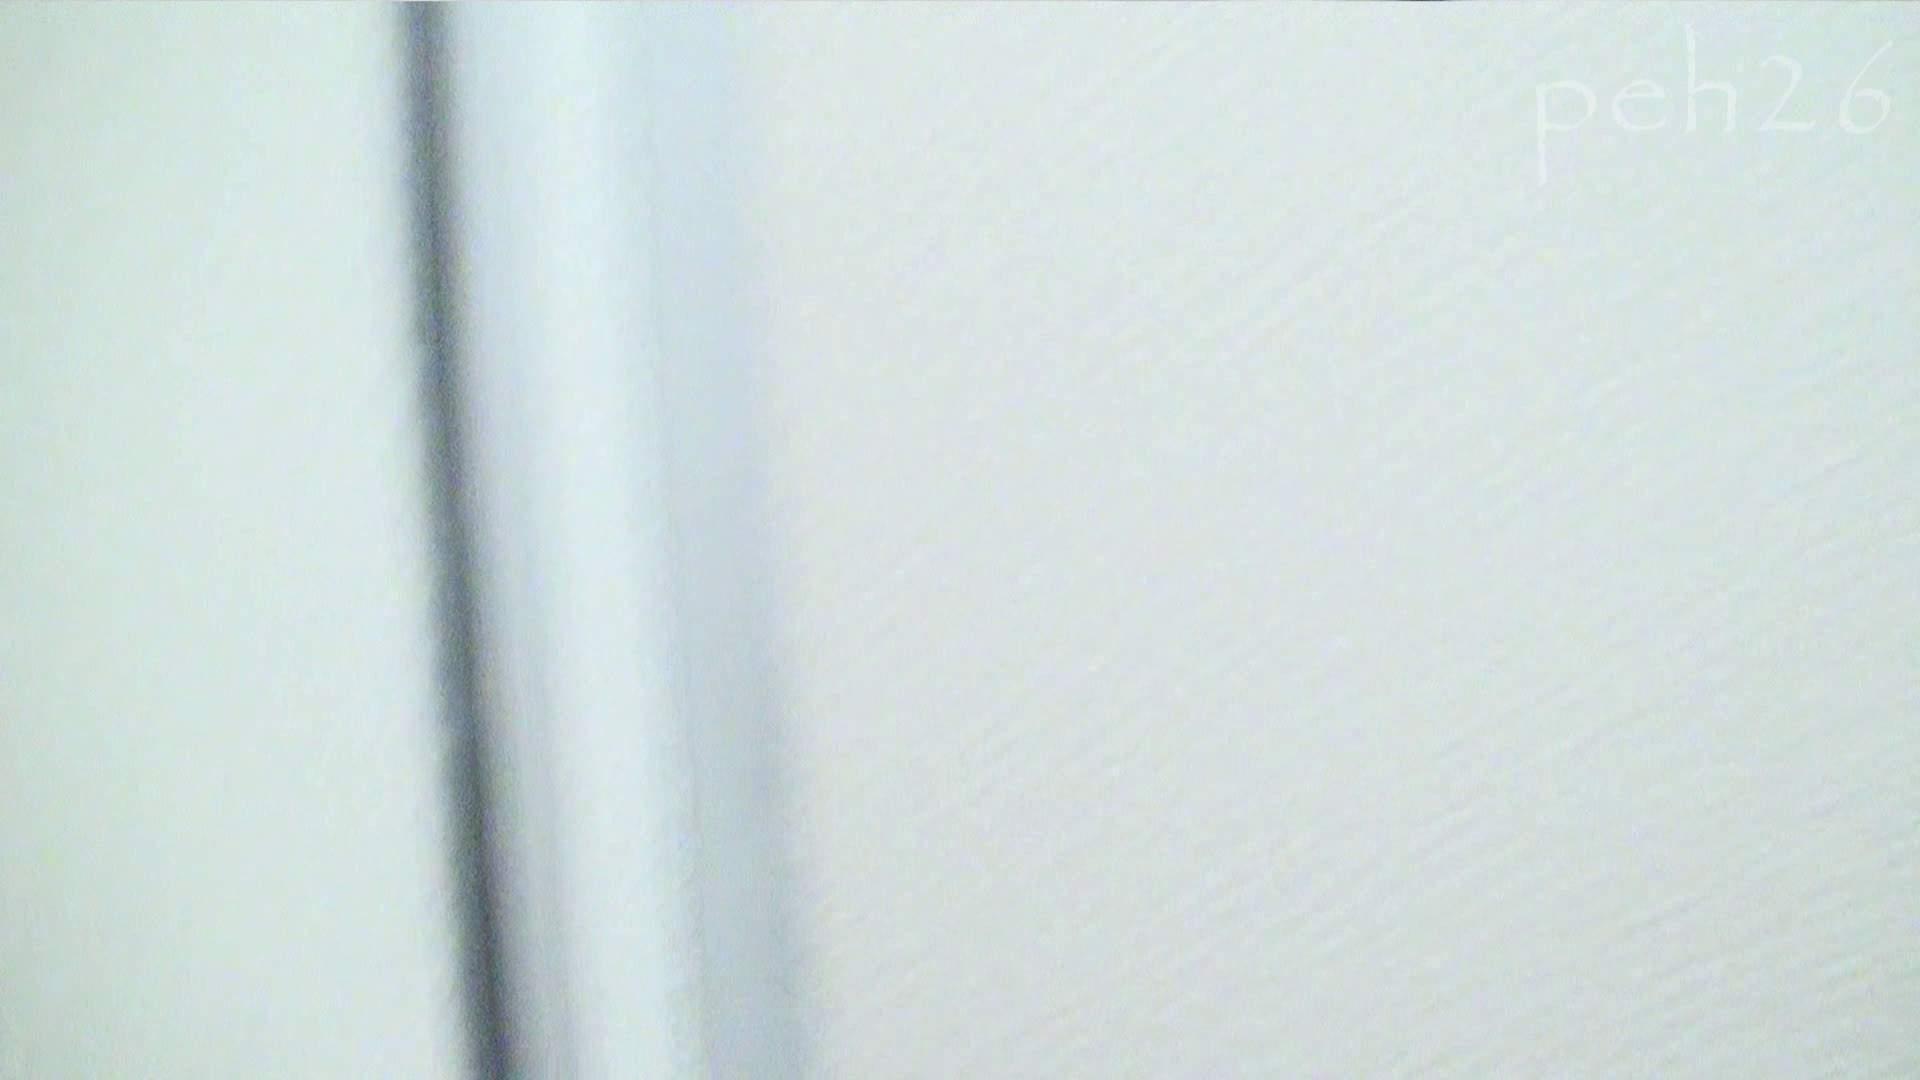 ※100個限定販売 至高下半身盗撮 プレミアム Vol.26 ハイビジョン 洗面所  106PIX 51